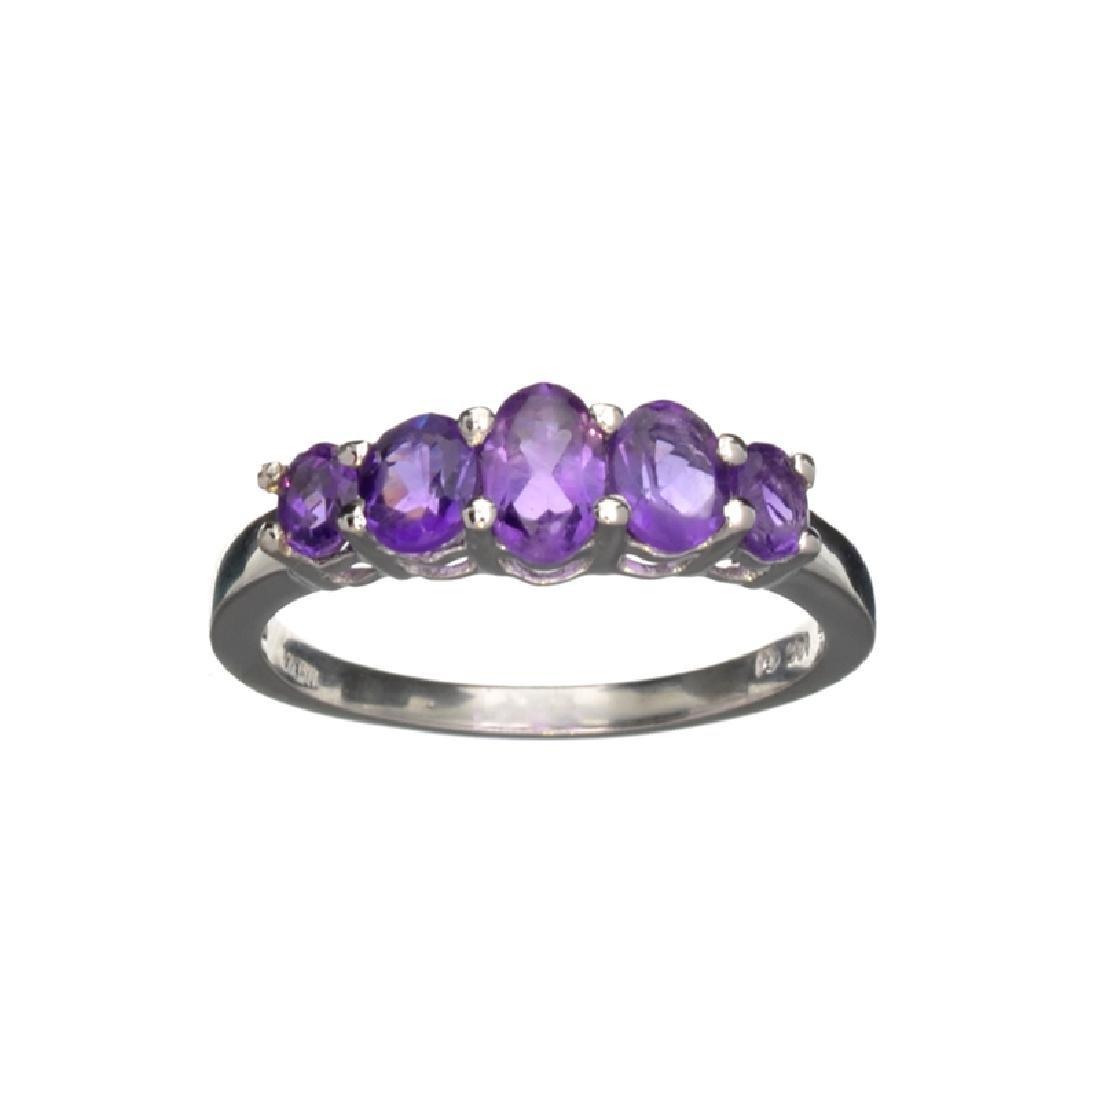 APP: 0.3k Fine Jewelry 1.43CT Oval Cut Purple Amethyst